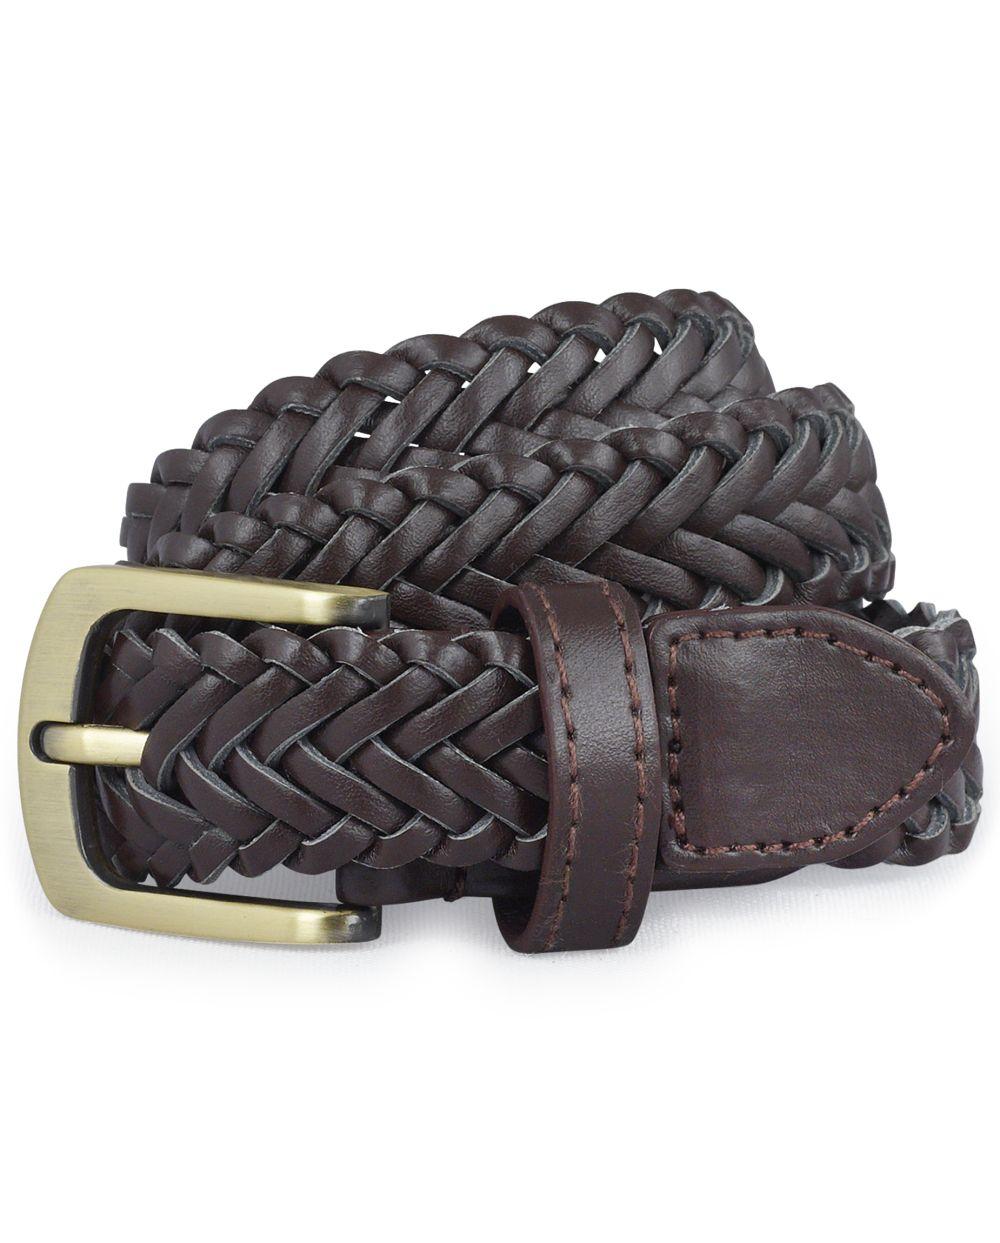 Cinturón trenzado uniforme para niños pequeños